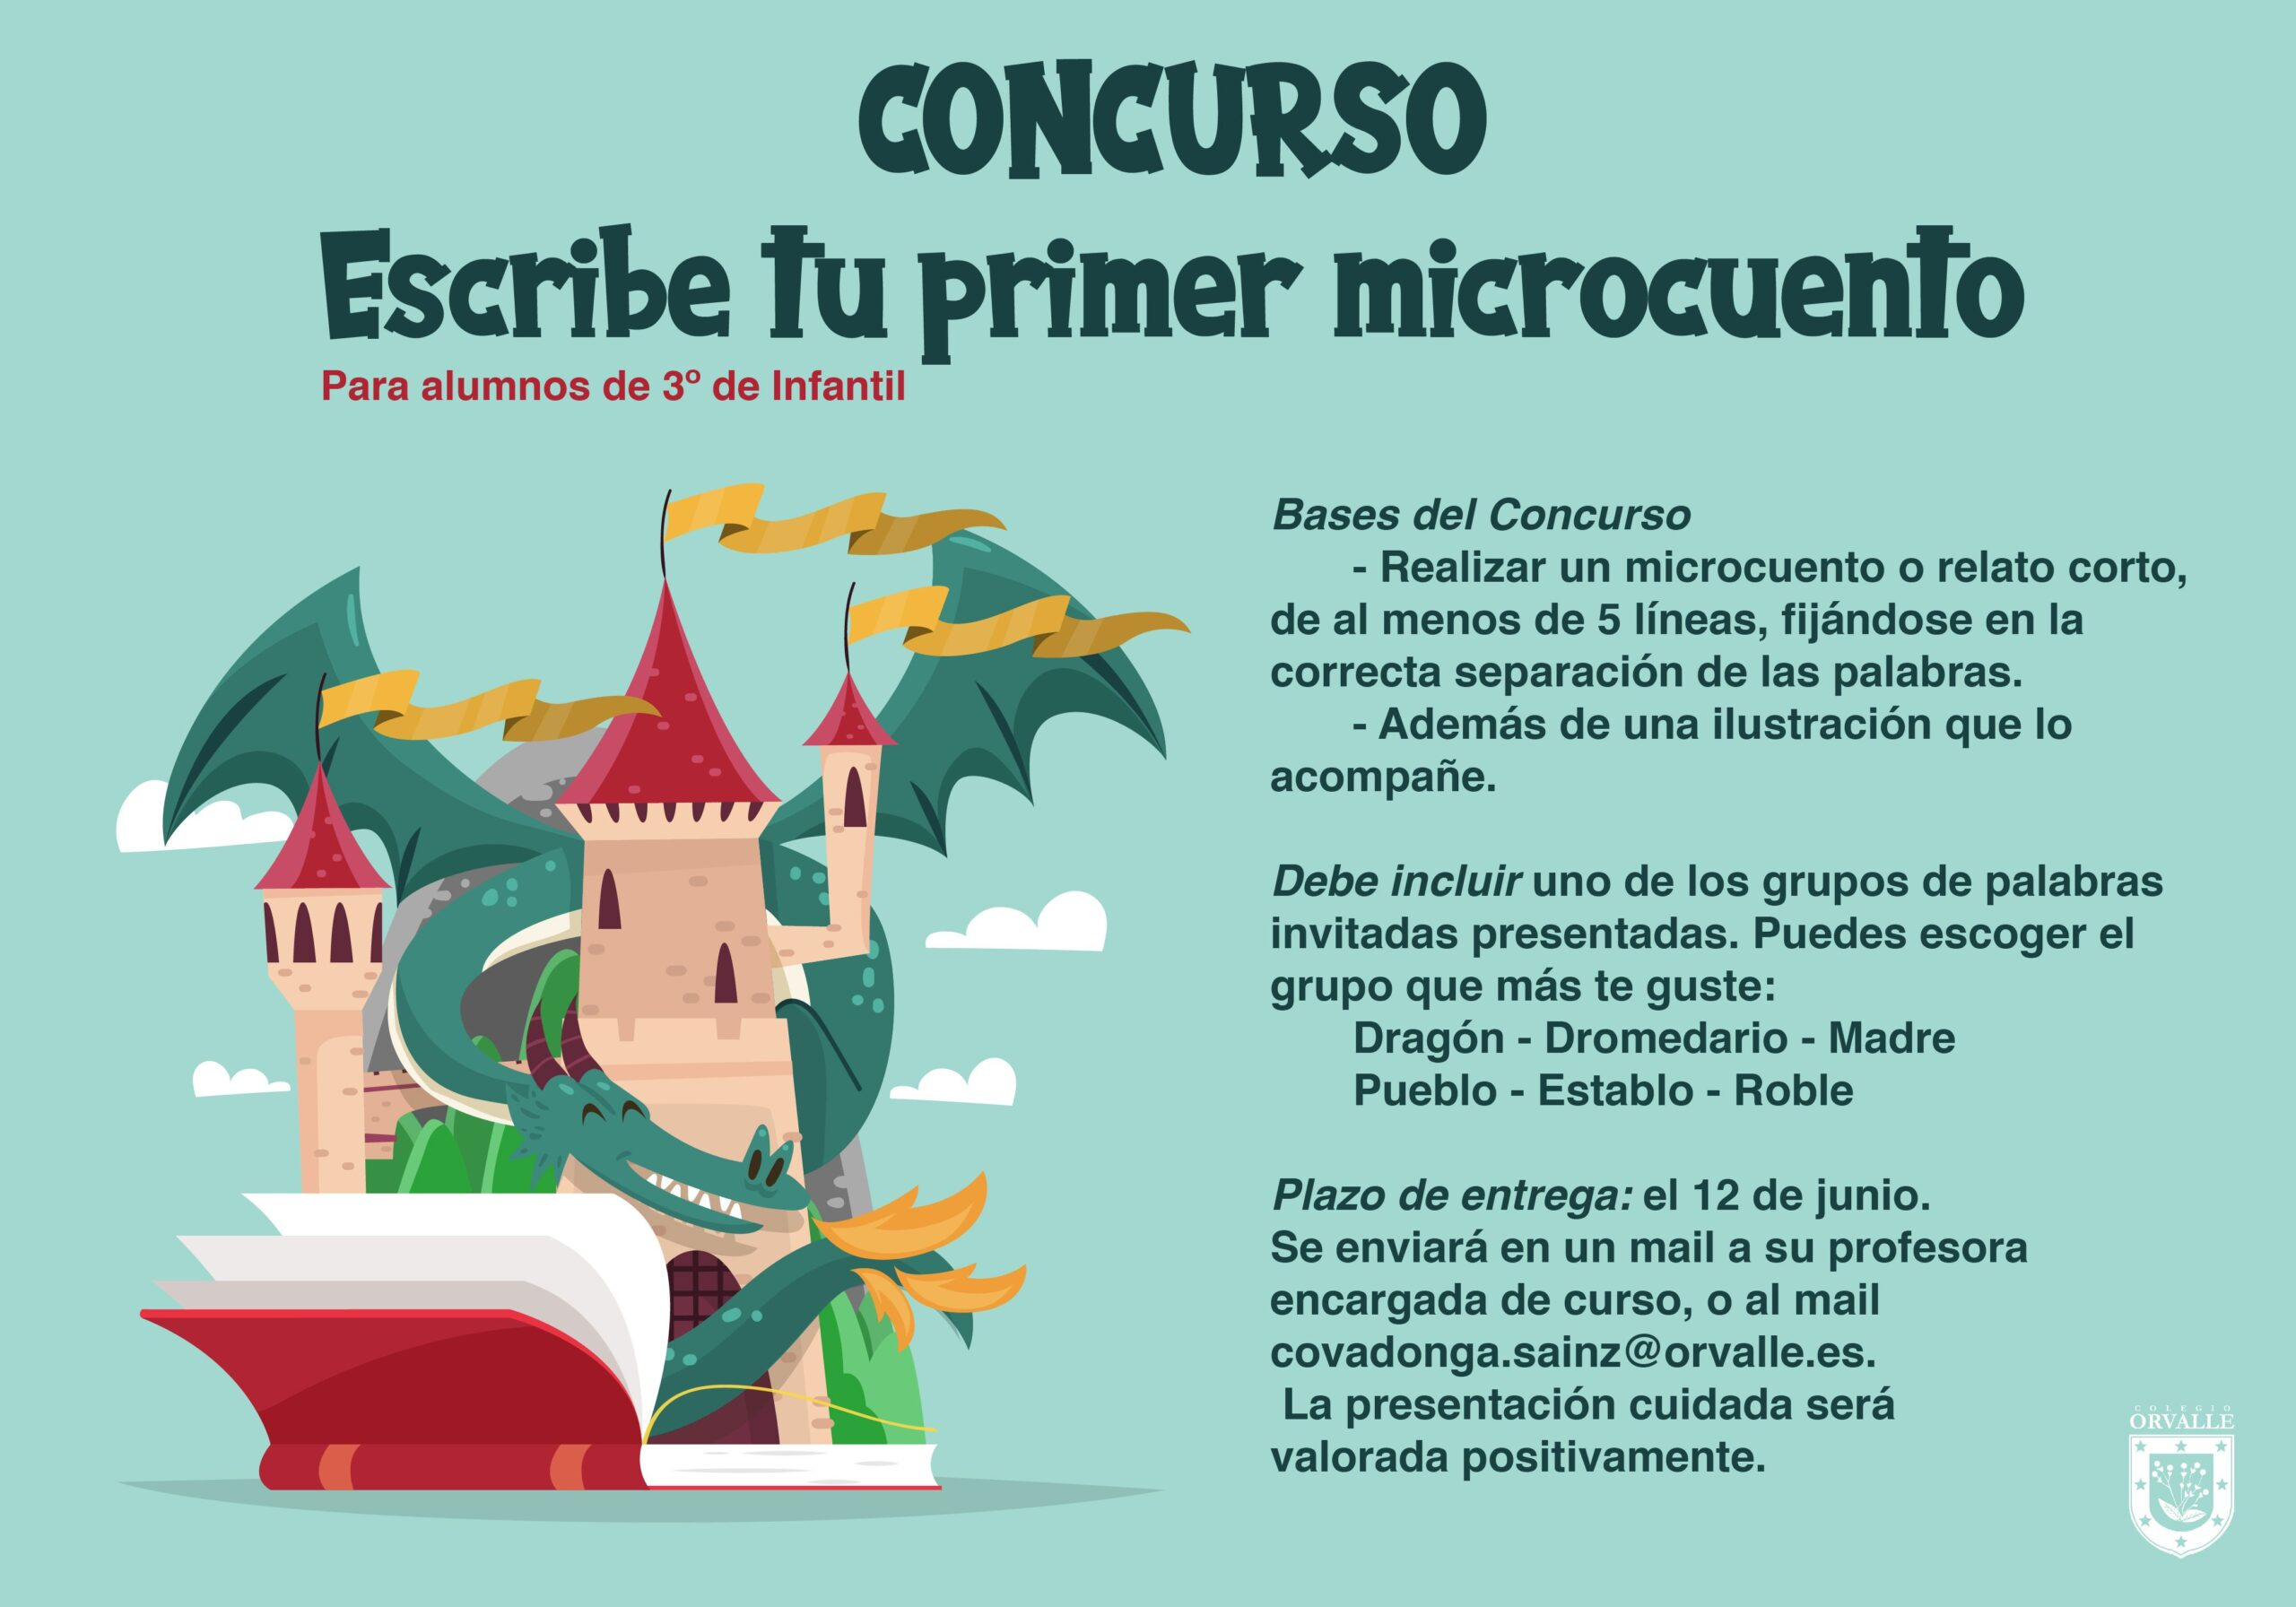 Concurso microcuento 01 scaled